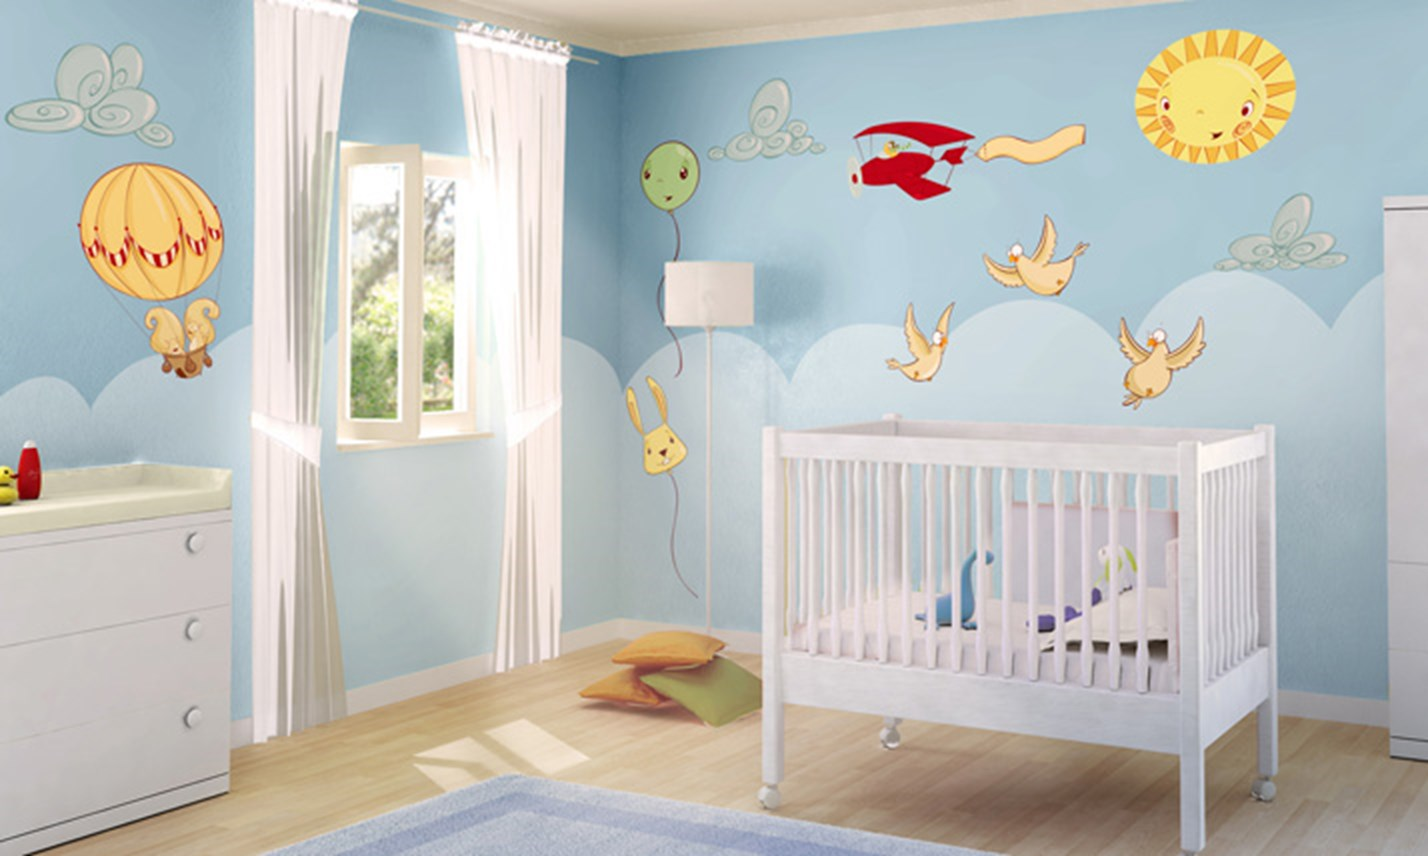 Stickers murali bambini cameretta un tuffo nel cielo for Decorazioni camerette bambini immagini